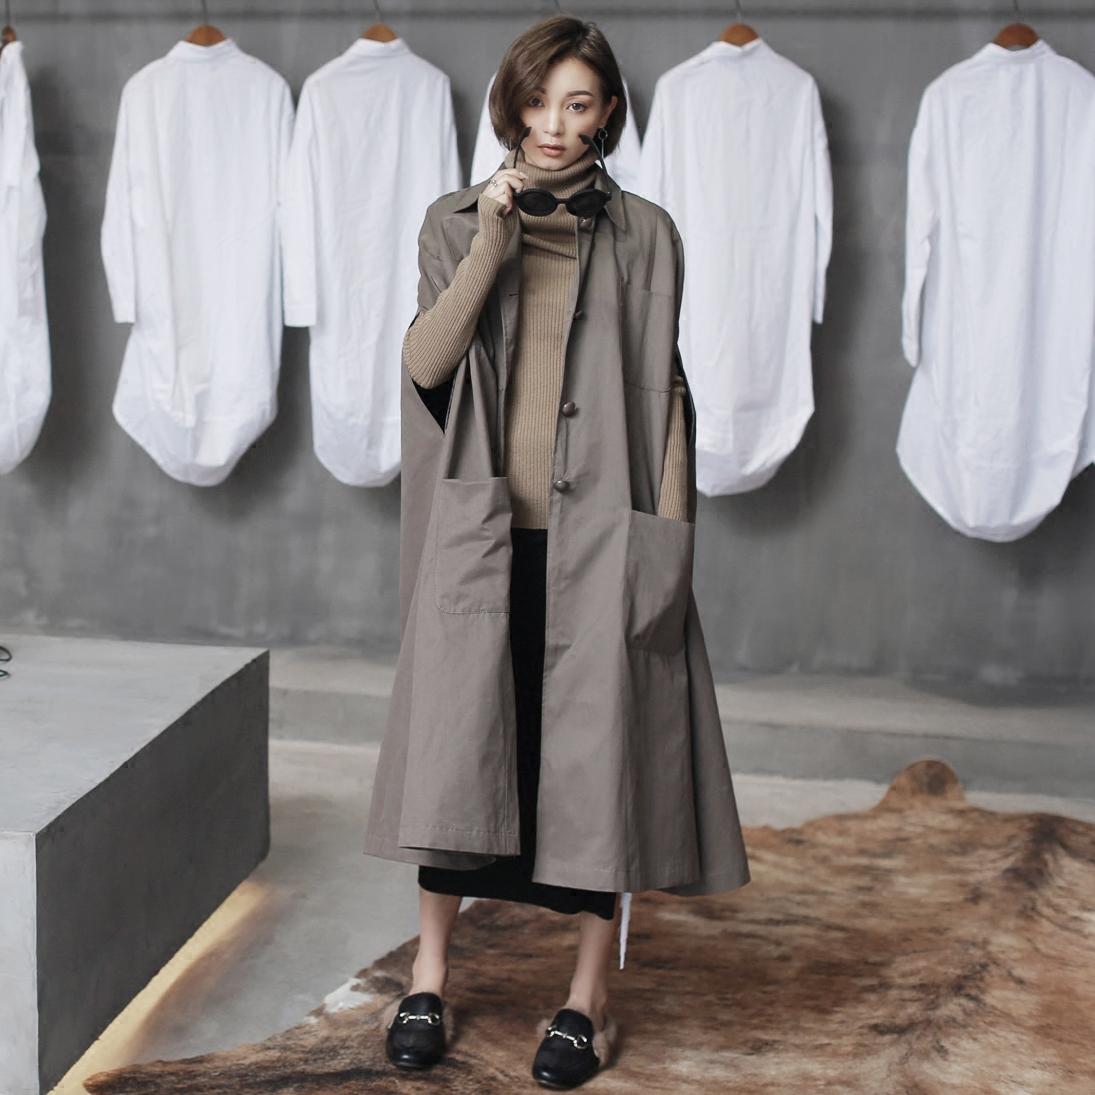 长款风衣 SIMPLE BLACK 原创设计欧美复古长款女士无袖斗篷风衣_推荐淘宝好看的女长款风衣